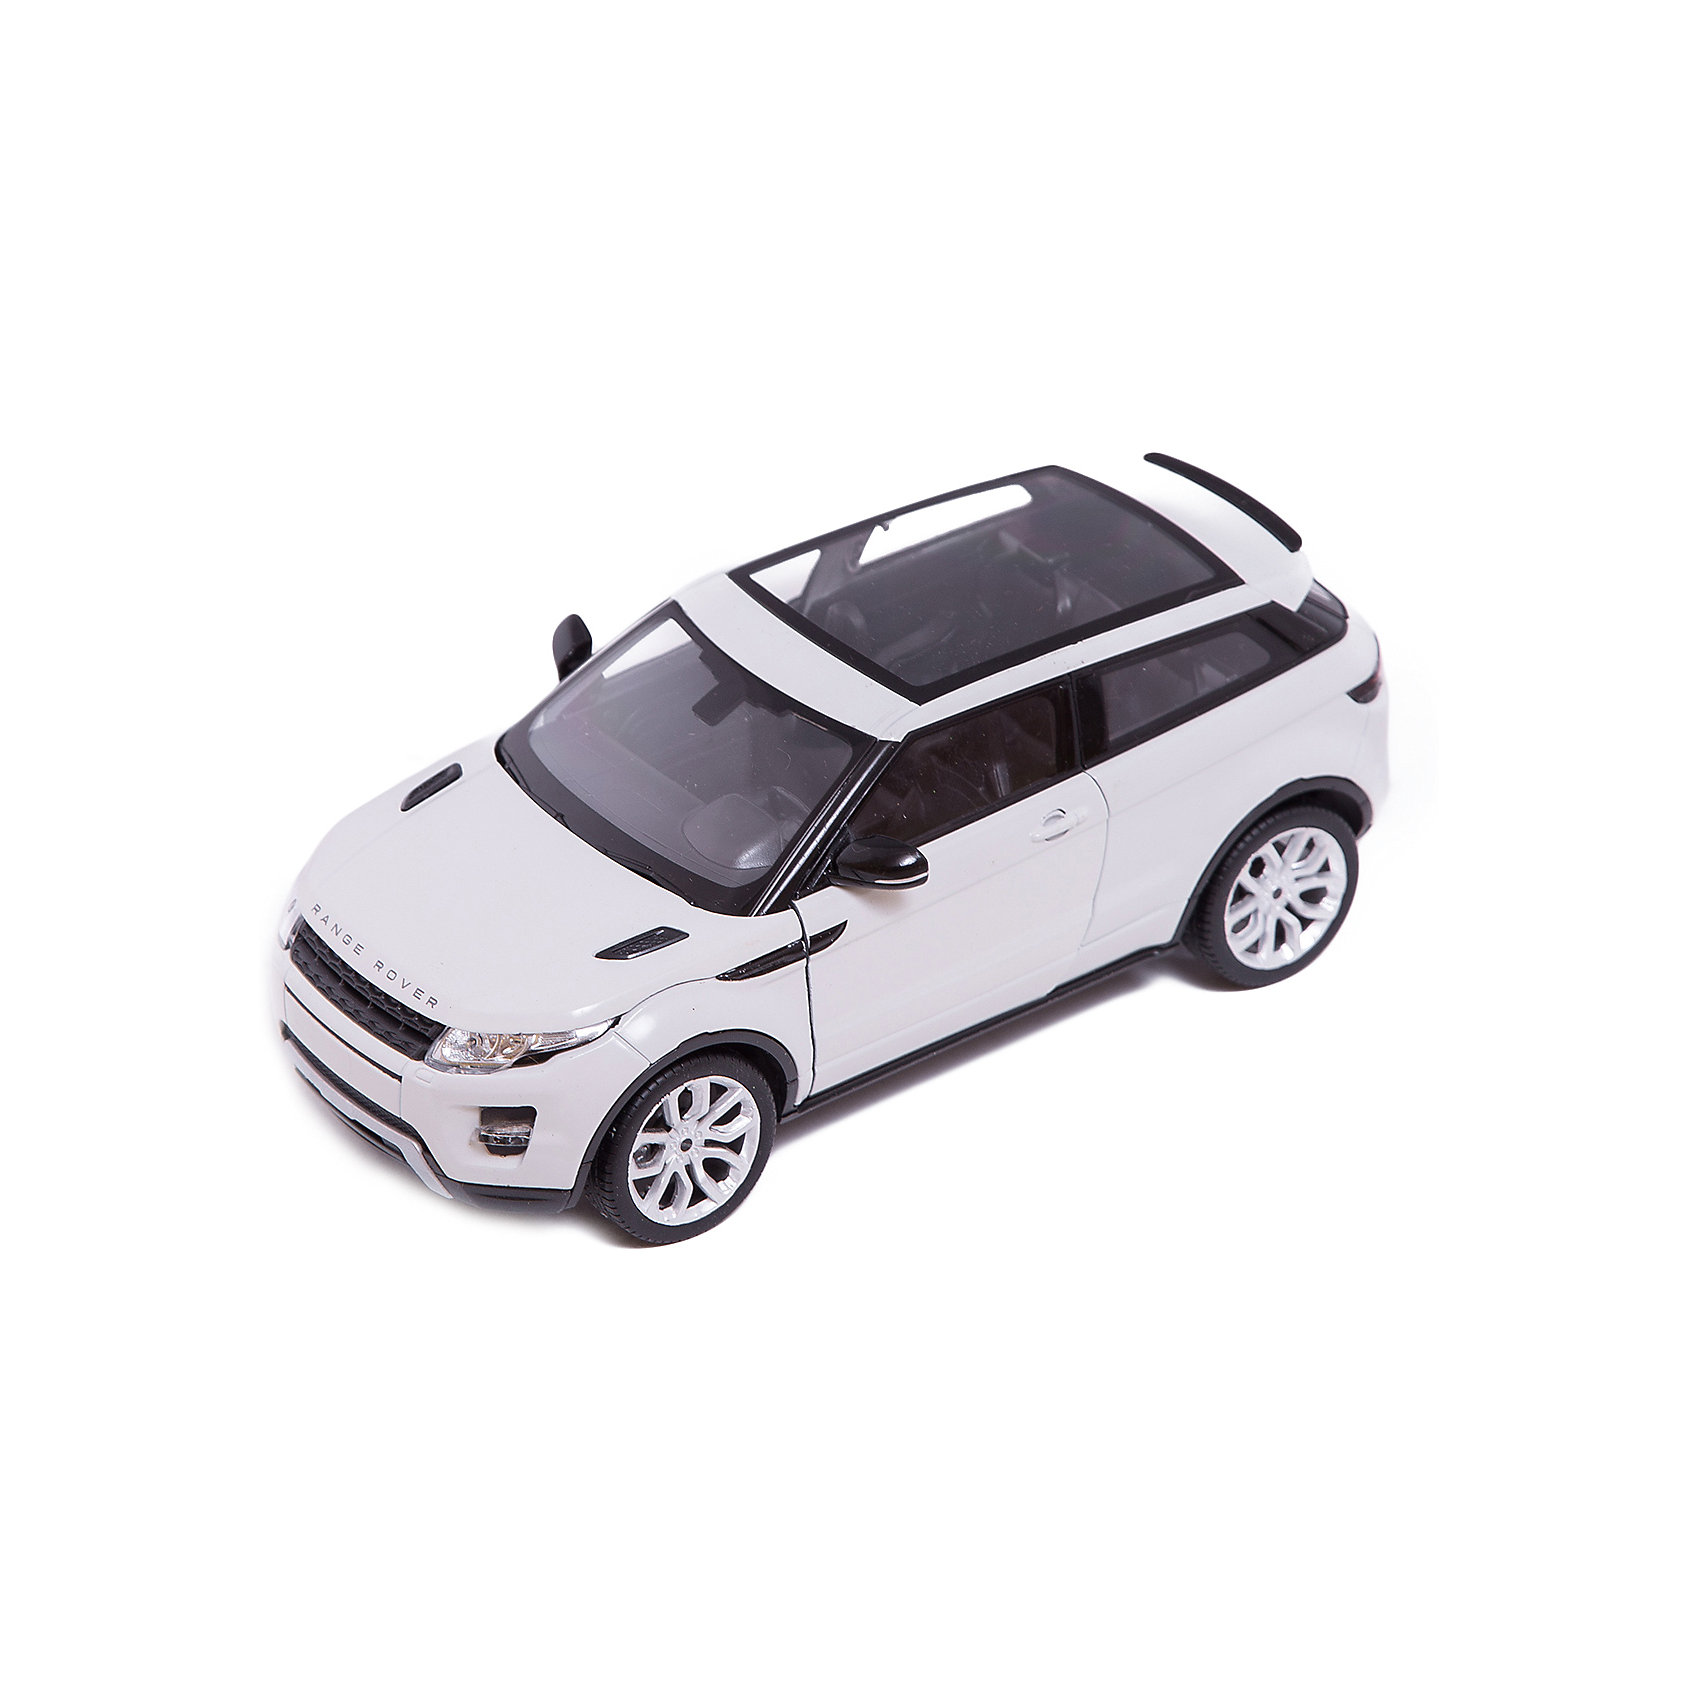 Модель машины 1:24 Range Rover Evoque, WellyМодель машины Range Rover Evoque, Welly (Велли) станет замечательным подарком для автолюбителей и коллекционеров всех возрастов. В коллекции масштабных моделей Welly представлено все многообразие автотехники: ретро-автомобили, легковые автомобили различных марок, грузовики, автомобили городских служб и многое другое. Все машинки отличаются высокой степенью детализации и тщательной проработкой всех элементов.<br><br>Машинка Range Rover Evoque представляет собой точную копию настоящего автомобиля в масштабе 1:24. Джип Range Rover Evoque отличает легкость и компактность, и в тоже время отличная приспособленность к любым  погодным условиям и покрытиям. Модель от Welly оснащена прочными стеклами и зеркалами заднего вида, интерьер салона, двигатель и органы управления тщательно проработаны. Двери и капот открываются, а колеса можно поворачивать с помощью руля. Корпус автомобиля выполнен из металла, а отделка салона и декоративные элементы из пластика.<br><br>Дополнительная информация:<br><br>- Материал: металл, пластик, колеса прорезиненные.<br>- Масштаб: 1:24.<br>- Размер упаковки: 11 х 23 х 11 см.<br>- Вес: 0,5 кг. <br><br>Модель машины Land Range Rover Evoque, Welly можно купить в нашем интернет-магазине.<br><br>Ширина мм: 230<br>Глубина мм: 110<br>Высота мм: 105<br>Вес г: 546<br>Возраст от месяцев: 36<br>Возраст до месяцев: 192<br>Пол: Мужской<br>Возраст: Детский<br>SKU: 3777897